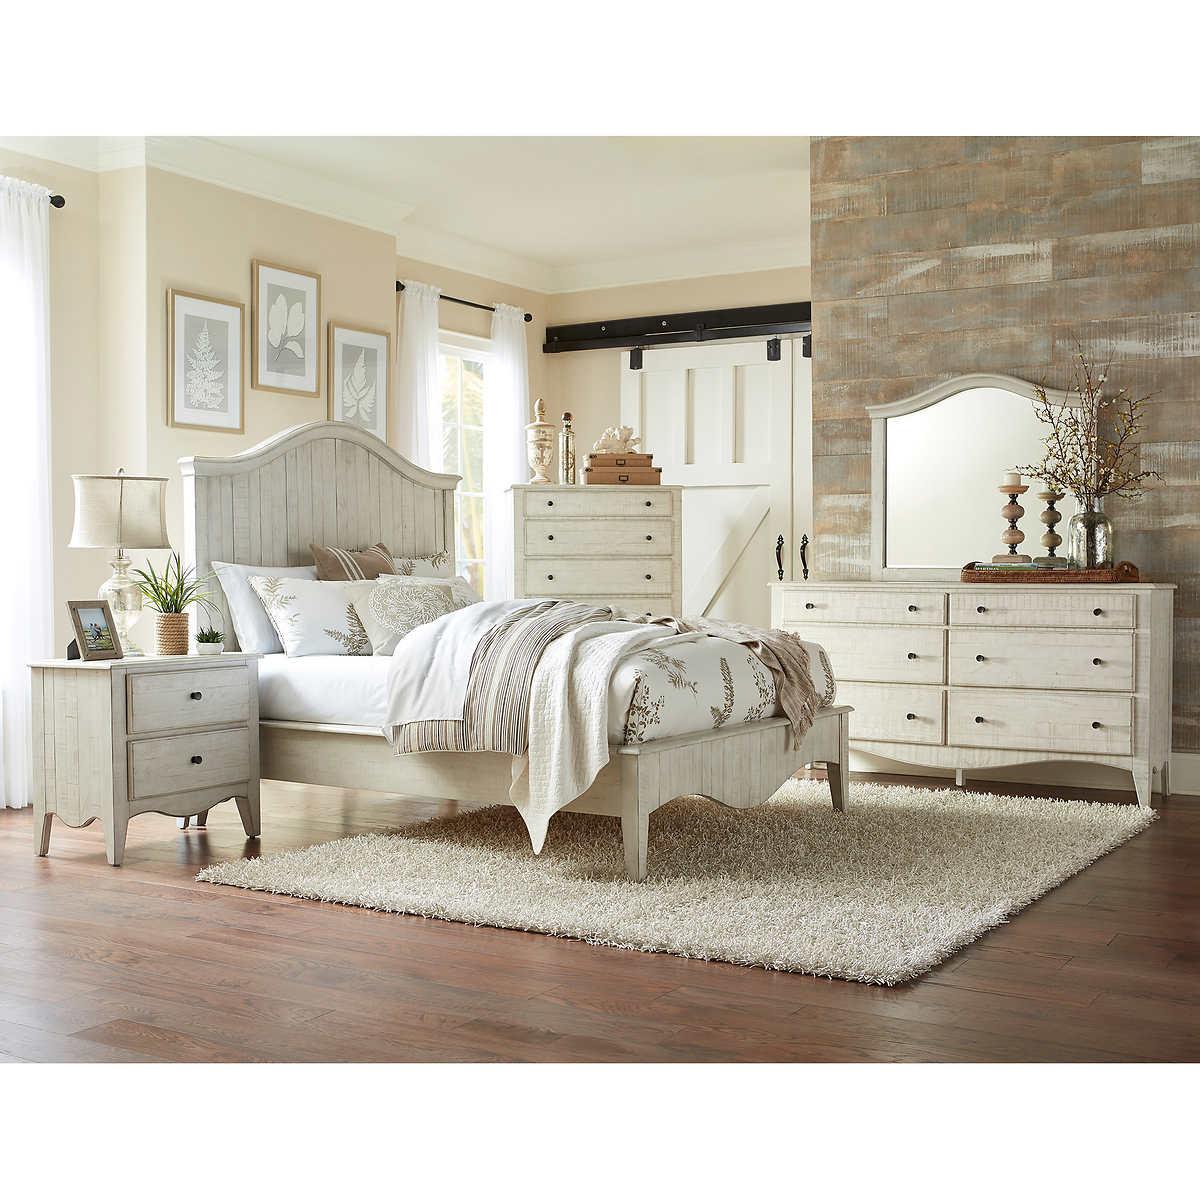 Altrette 6 Piece King Bedroom Set